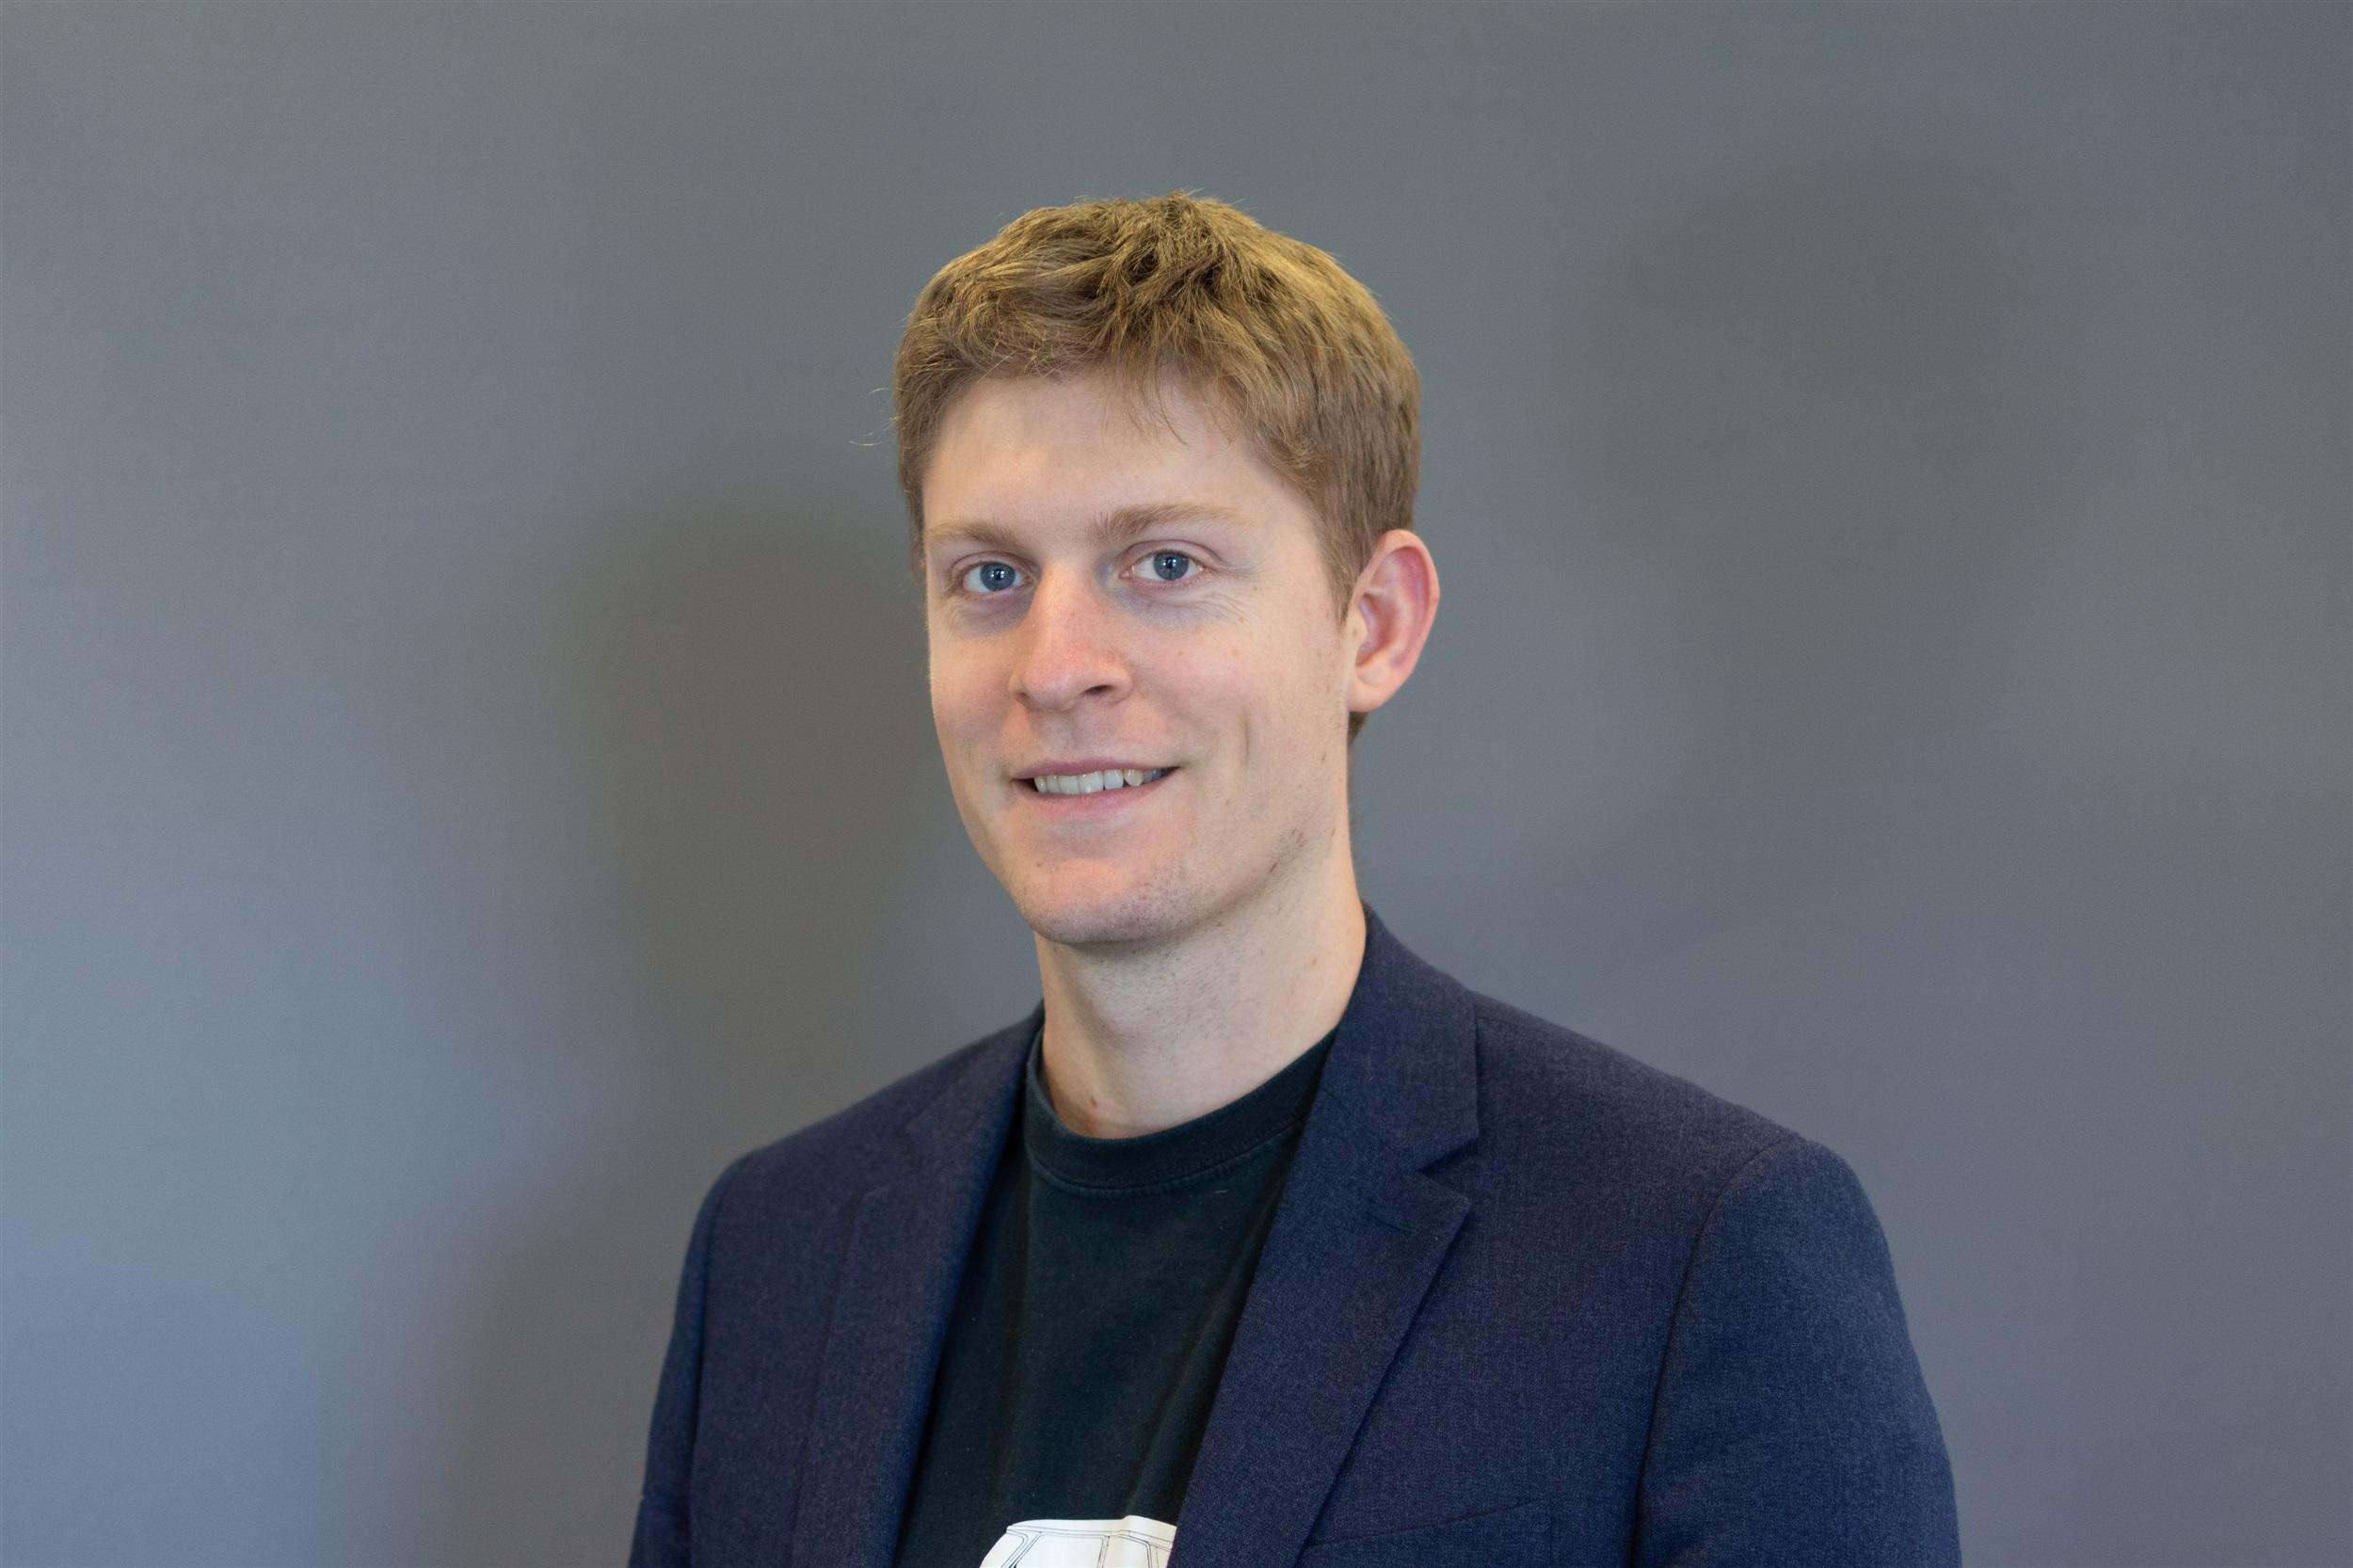 Andrew Smith, Specialist